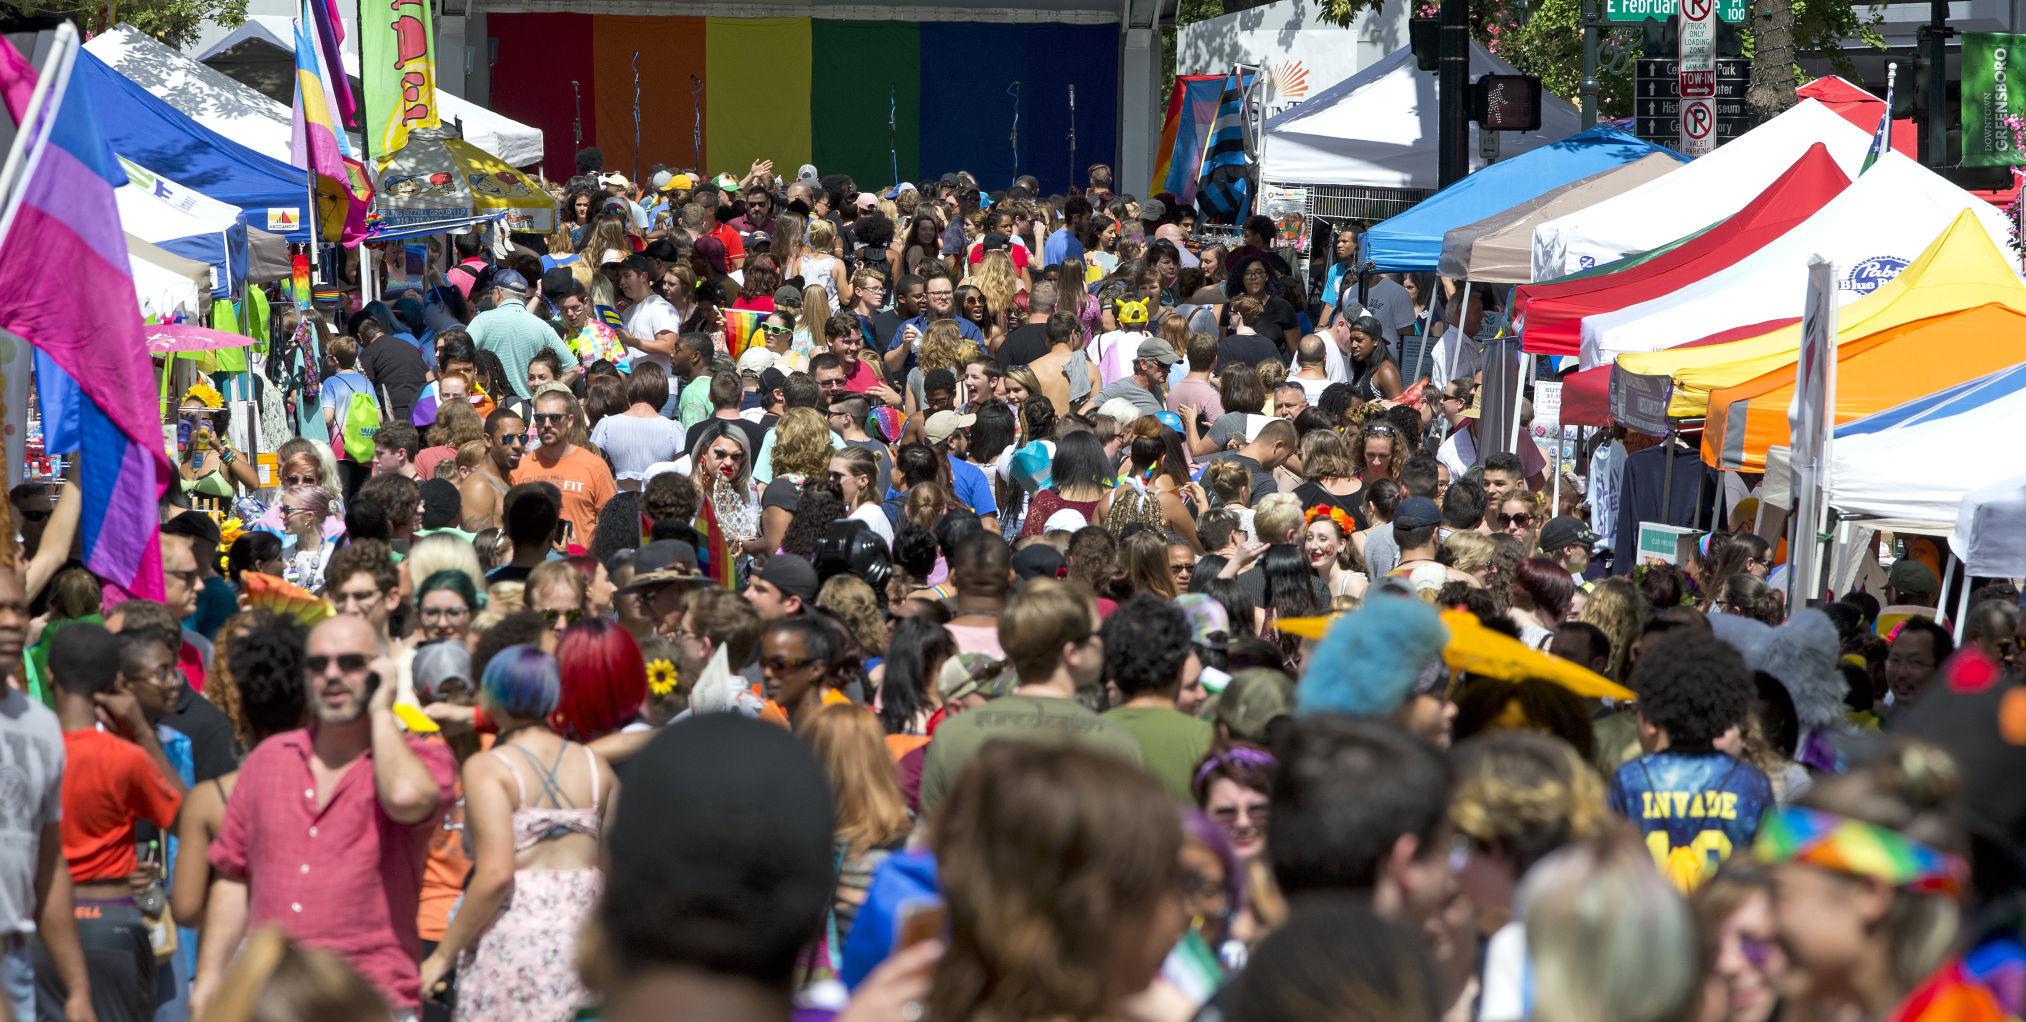 Greensboro gay pride